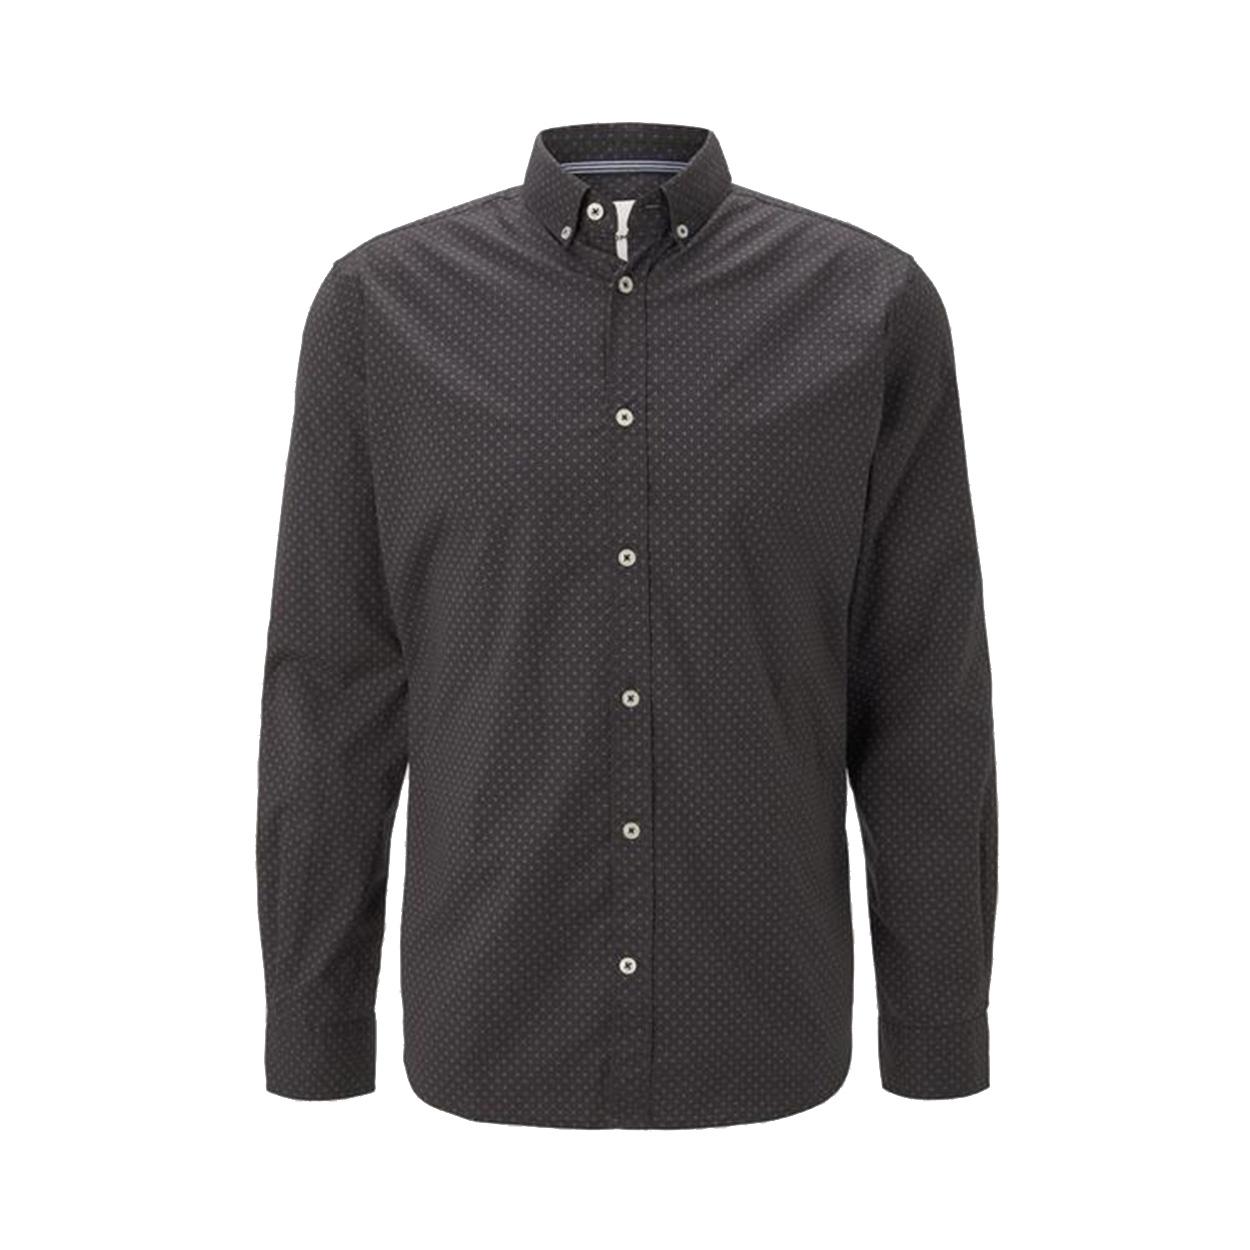 Chemise ajustée  en coton stretch noir à micros motifs blancs et rouges